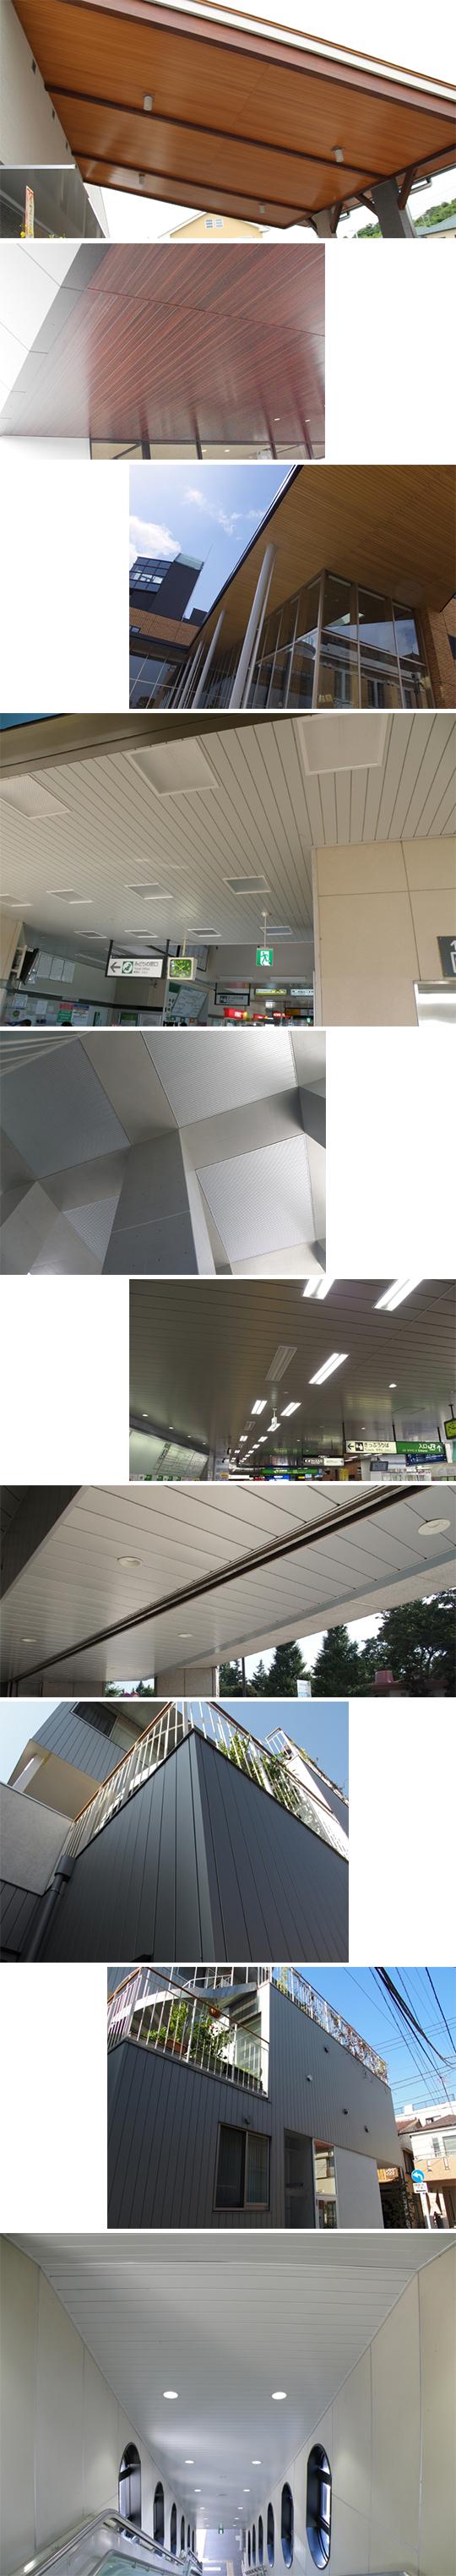 アルミスパンドレル、ガルバリウム鋼板といえばアサヒ金属